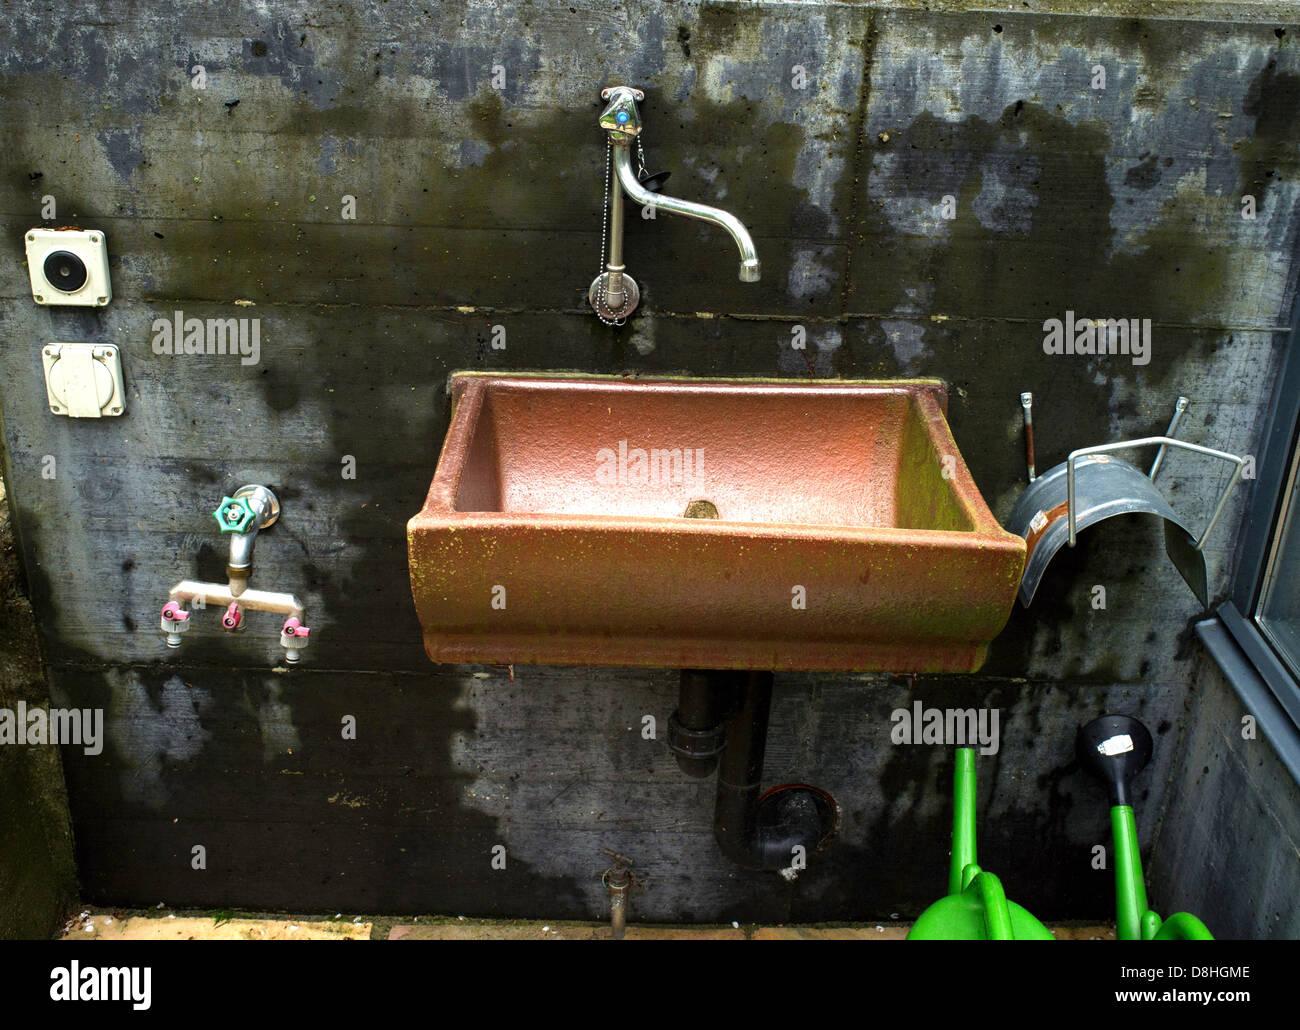 Kupfer Waschbecken Garten Stockfoto Bild 56934654 Alamy